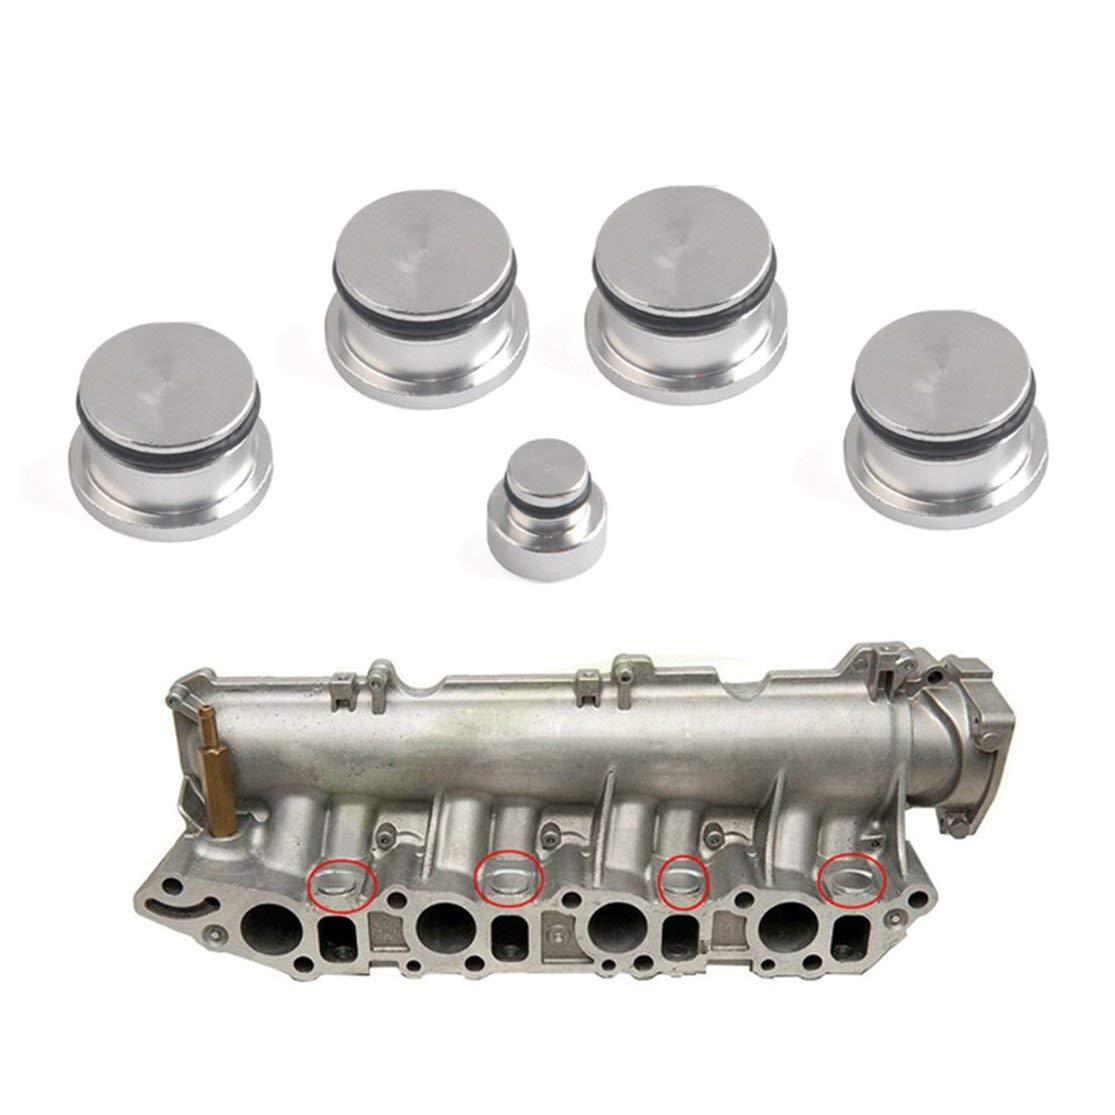 Candybarbar Tapones Ciegos del colector de admisi/ón autom/ático de Aluminio Kit de Tapones Ciegos Tapones para Opel para Saab para Fiat para Alfa Romeo 1.9 Z19DTH